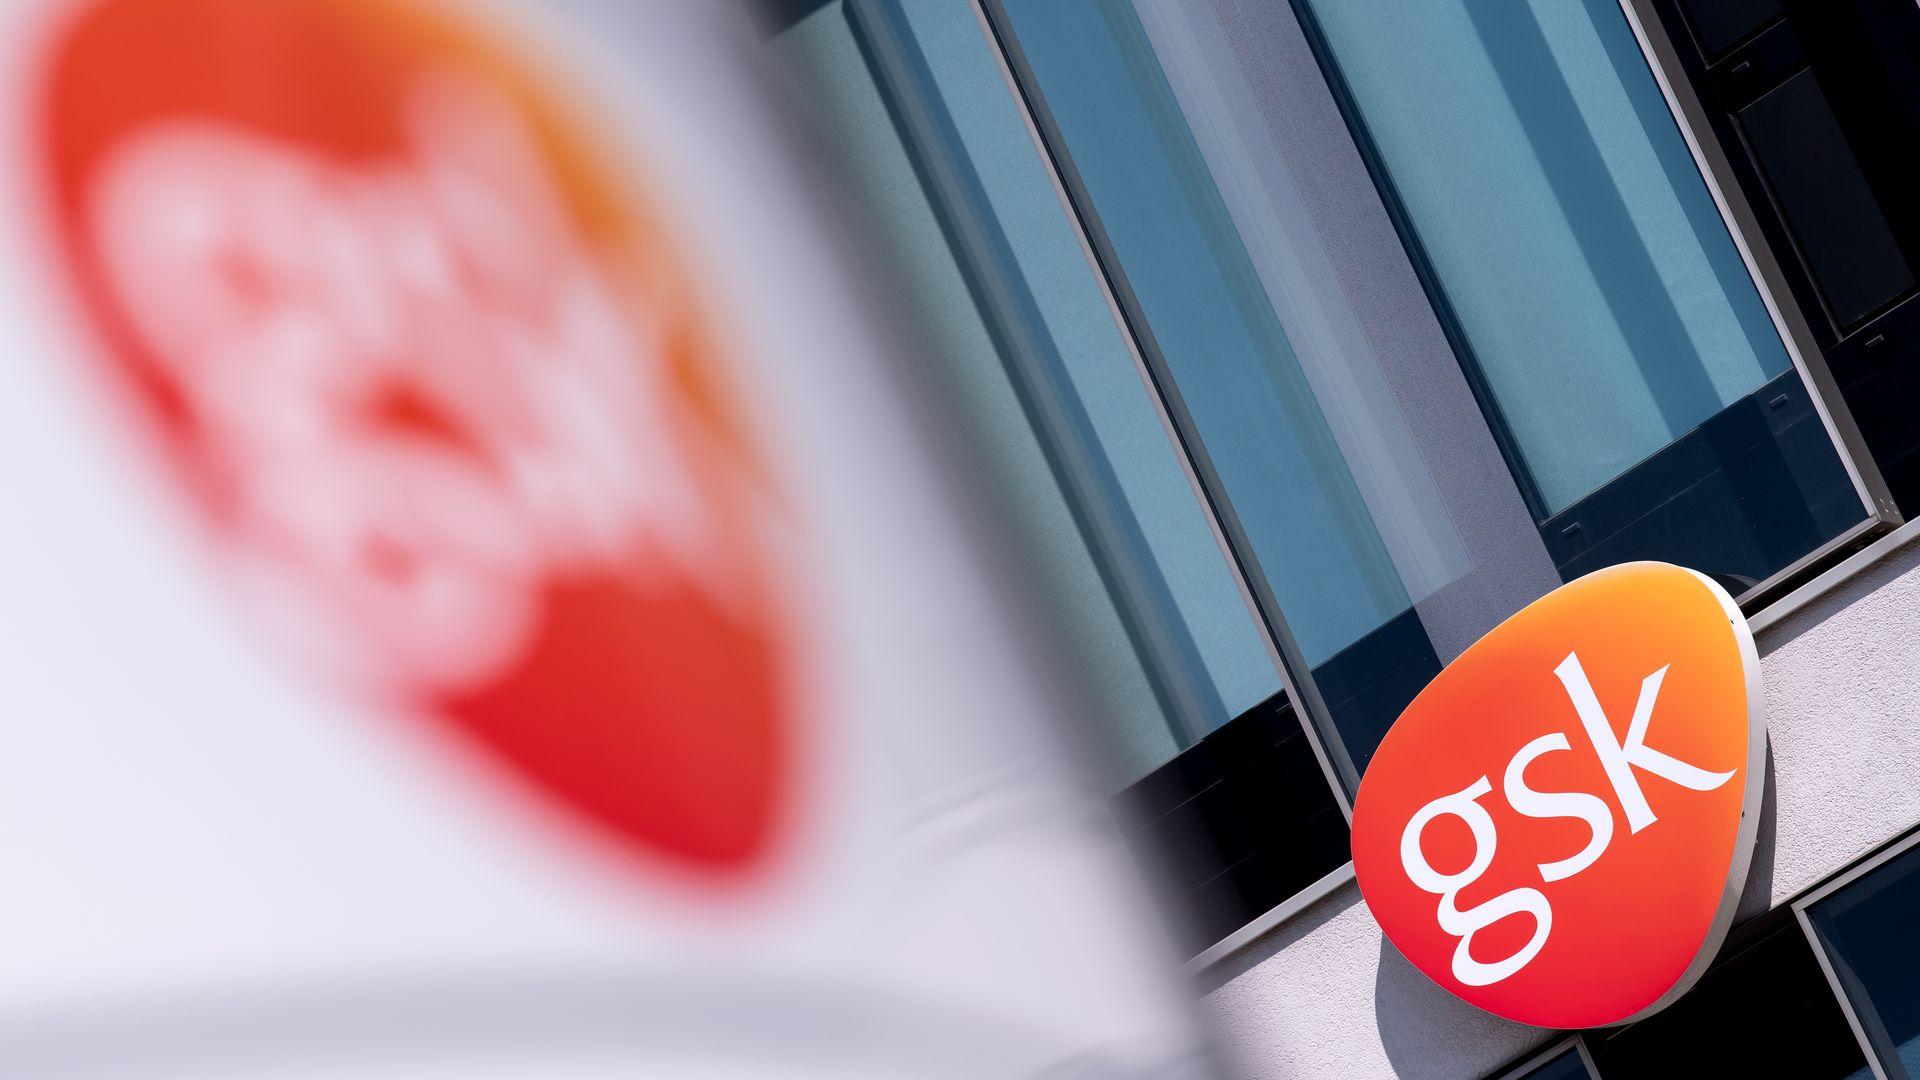 GlaxoSmithKline's office logo.